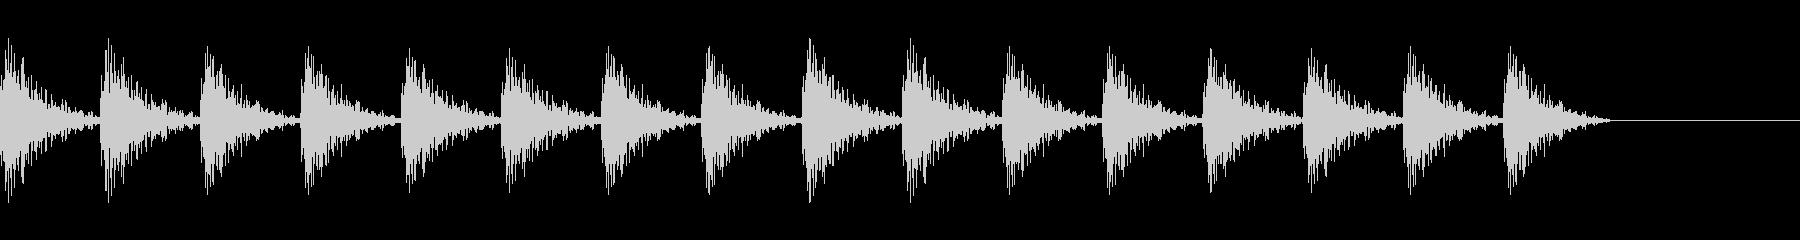 どんどん(巨人、速歩き)A16の未再生の波形